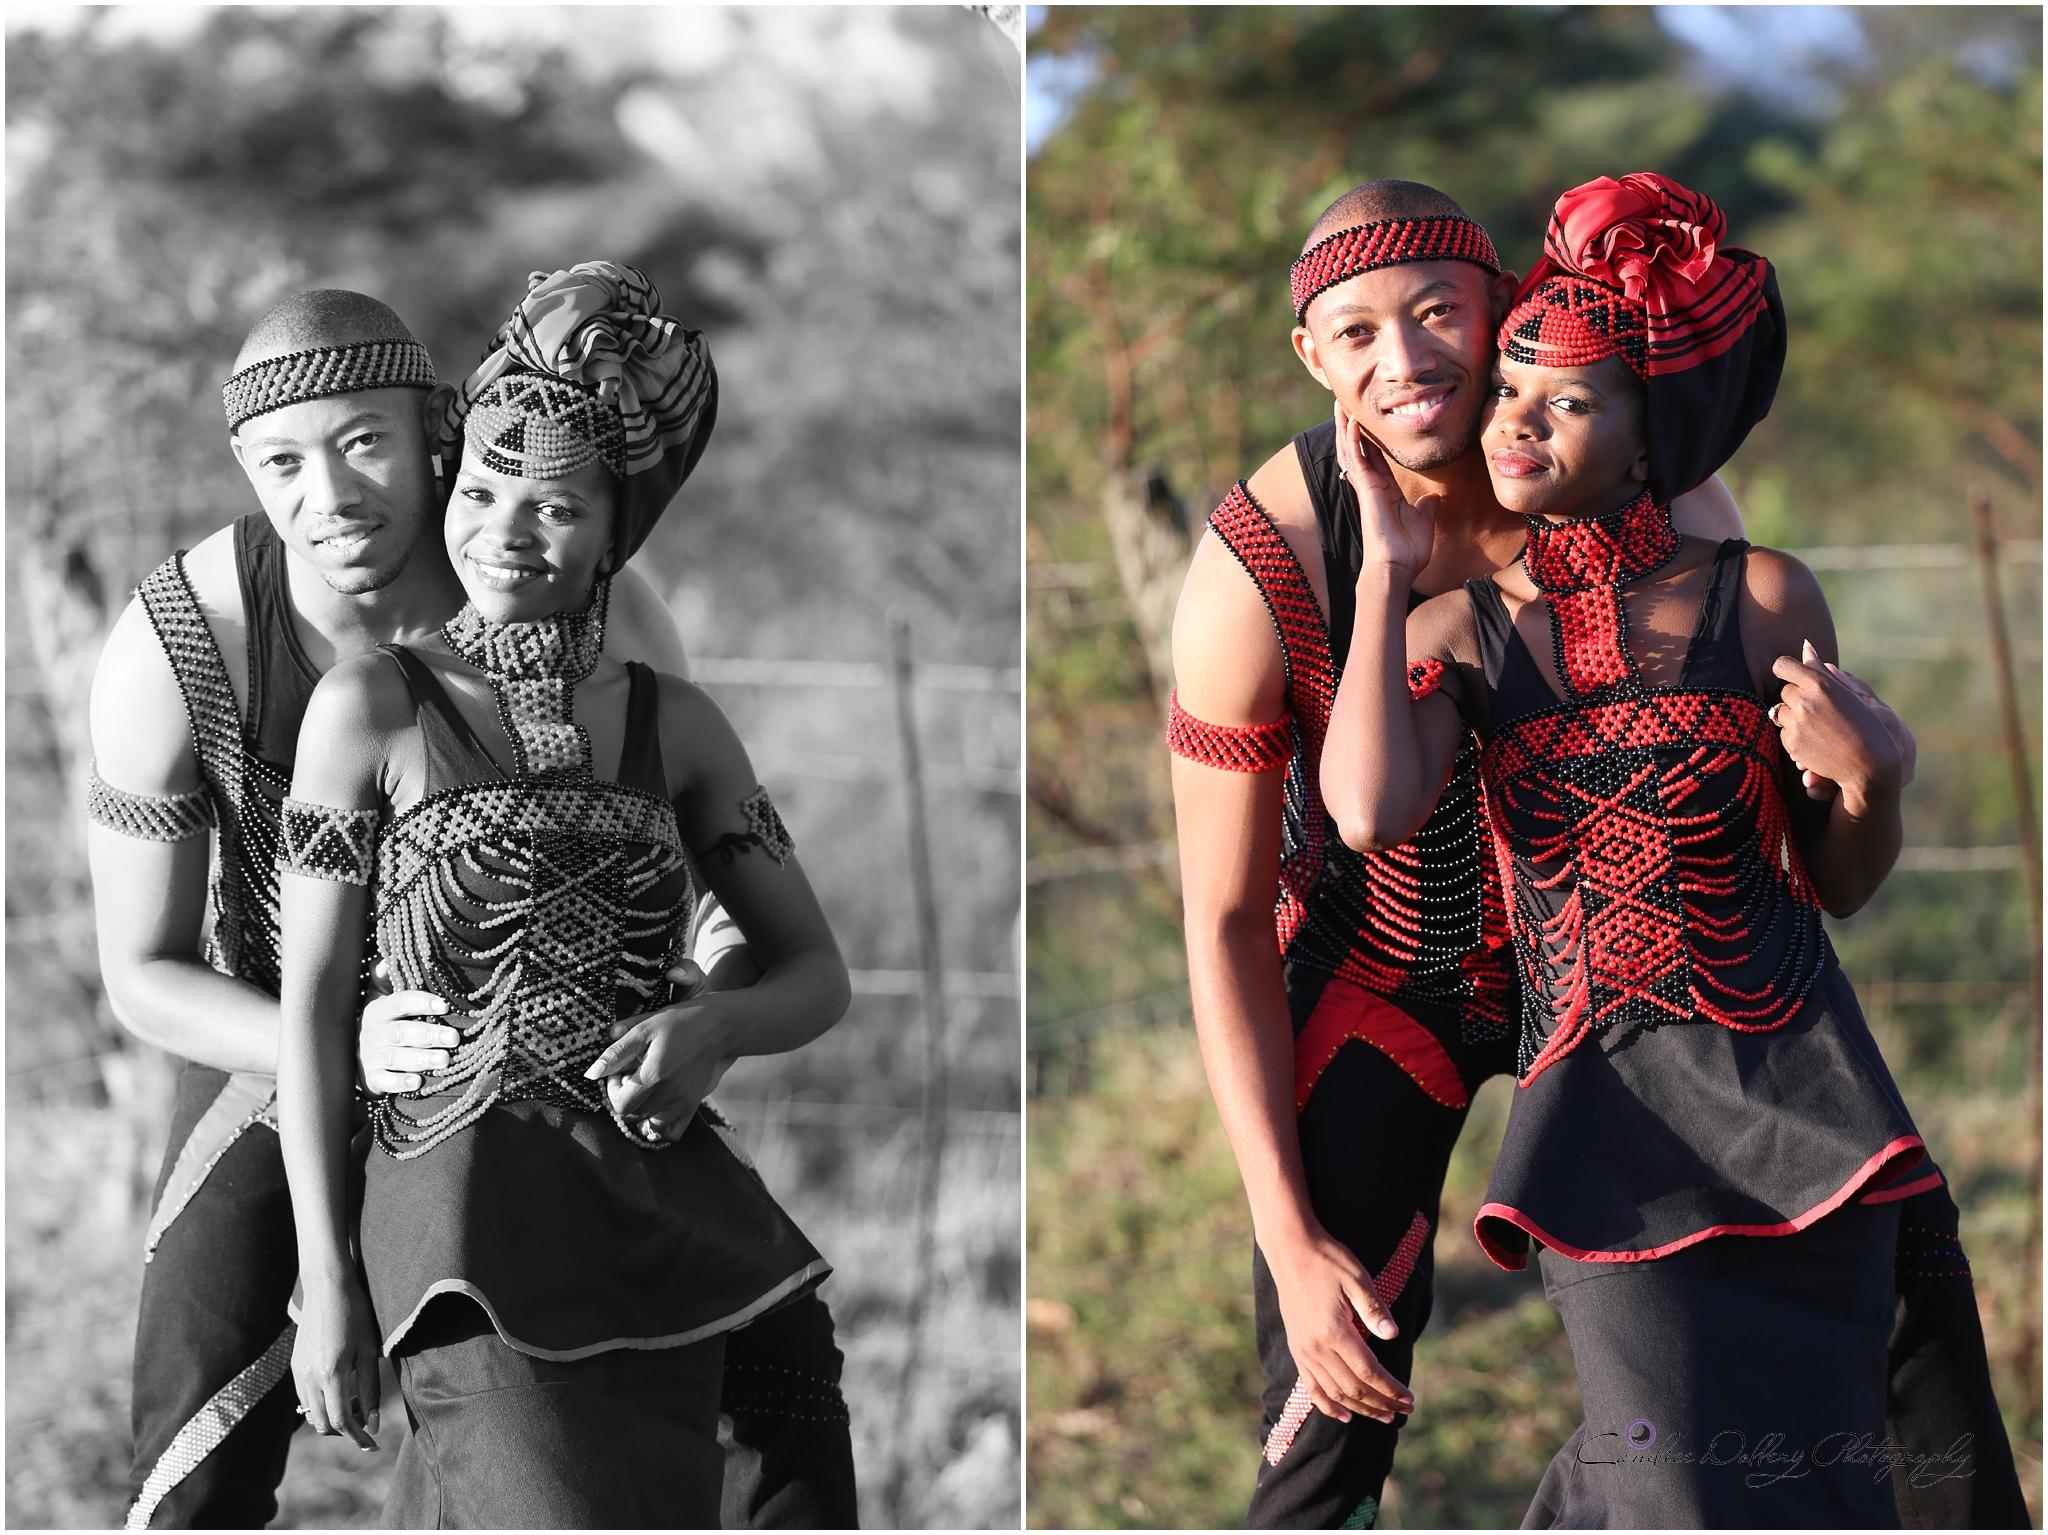 Banele & Lazola {Traditional} | Candice Dollery Photography